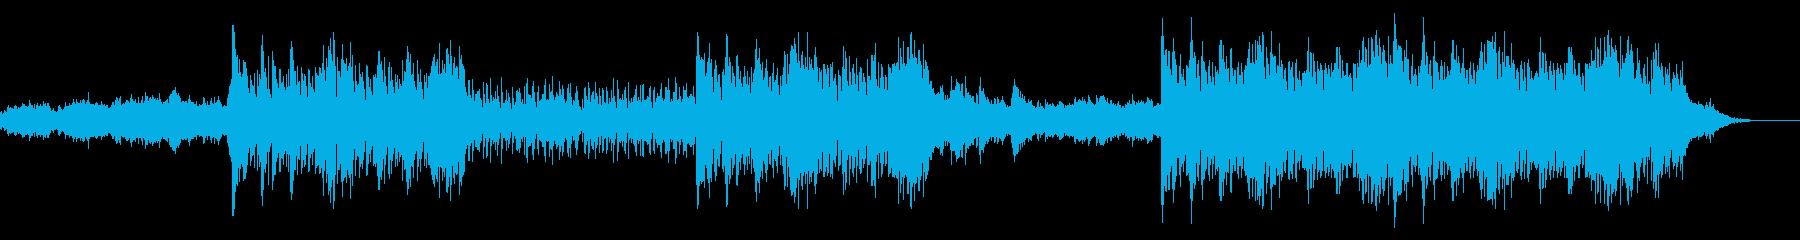 異世界庭園の音楽の再生済みの波形